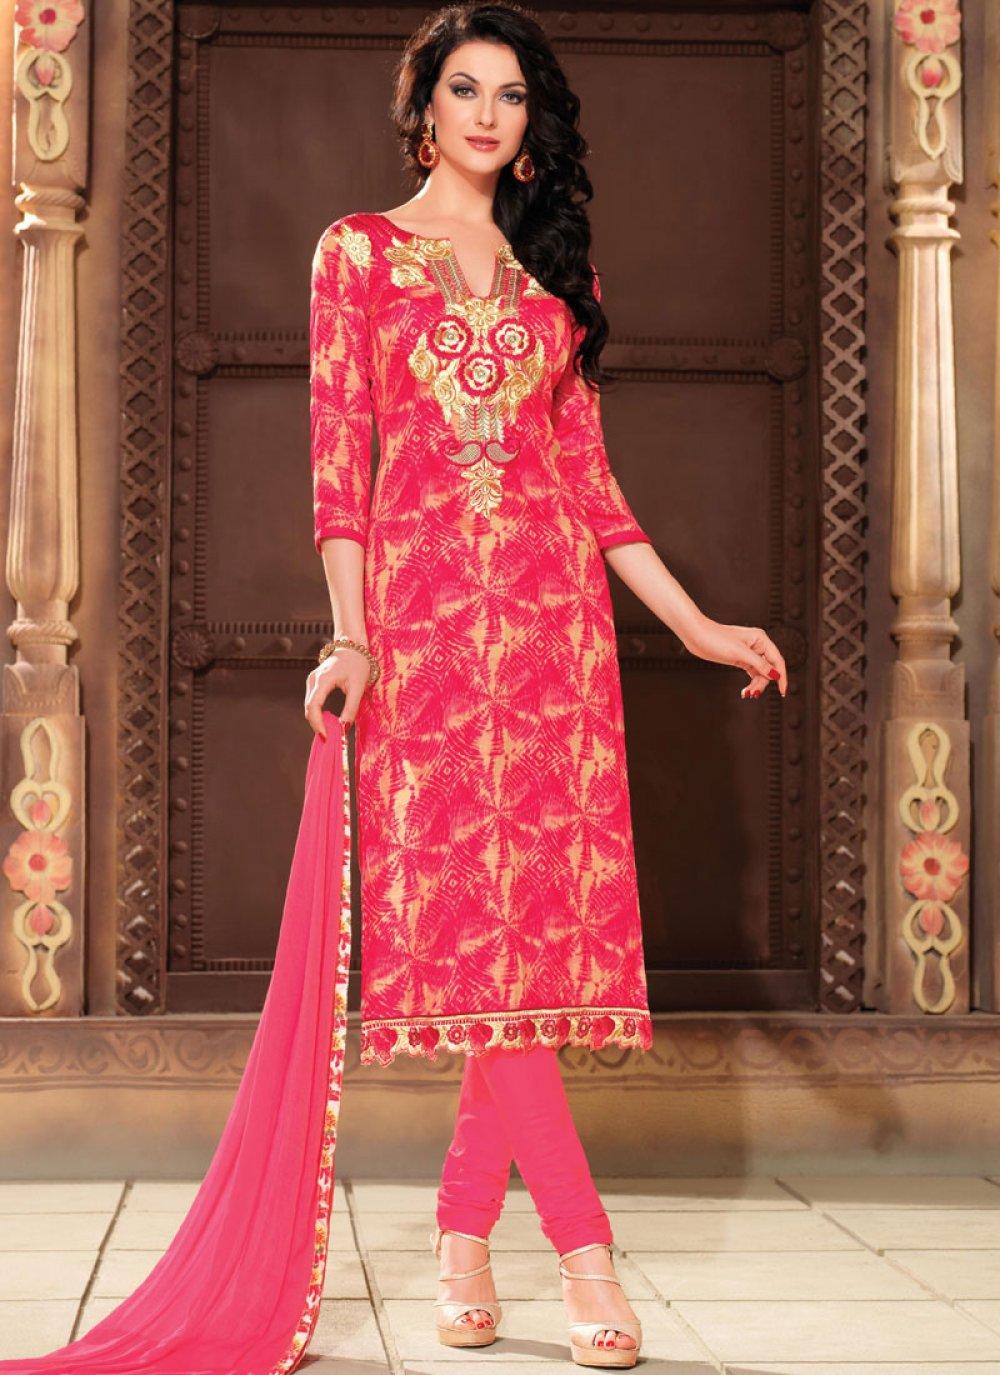 Hot Pink Cotton Churidar Salwar Kameez